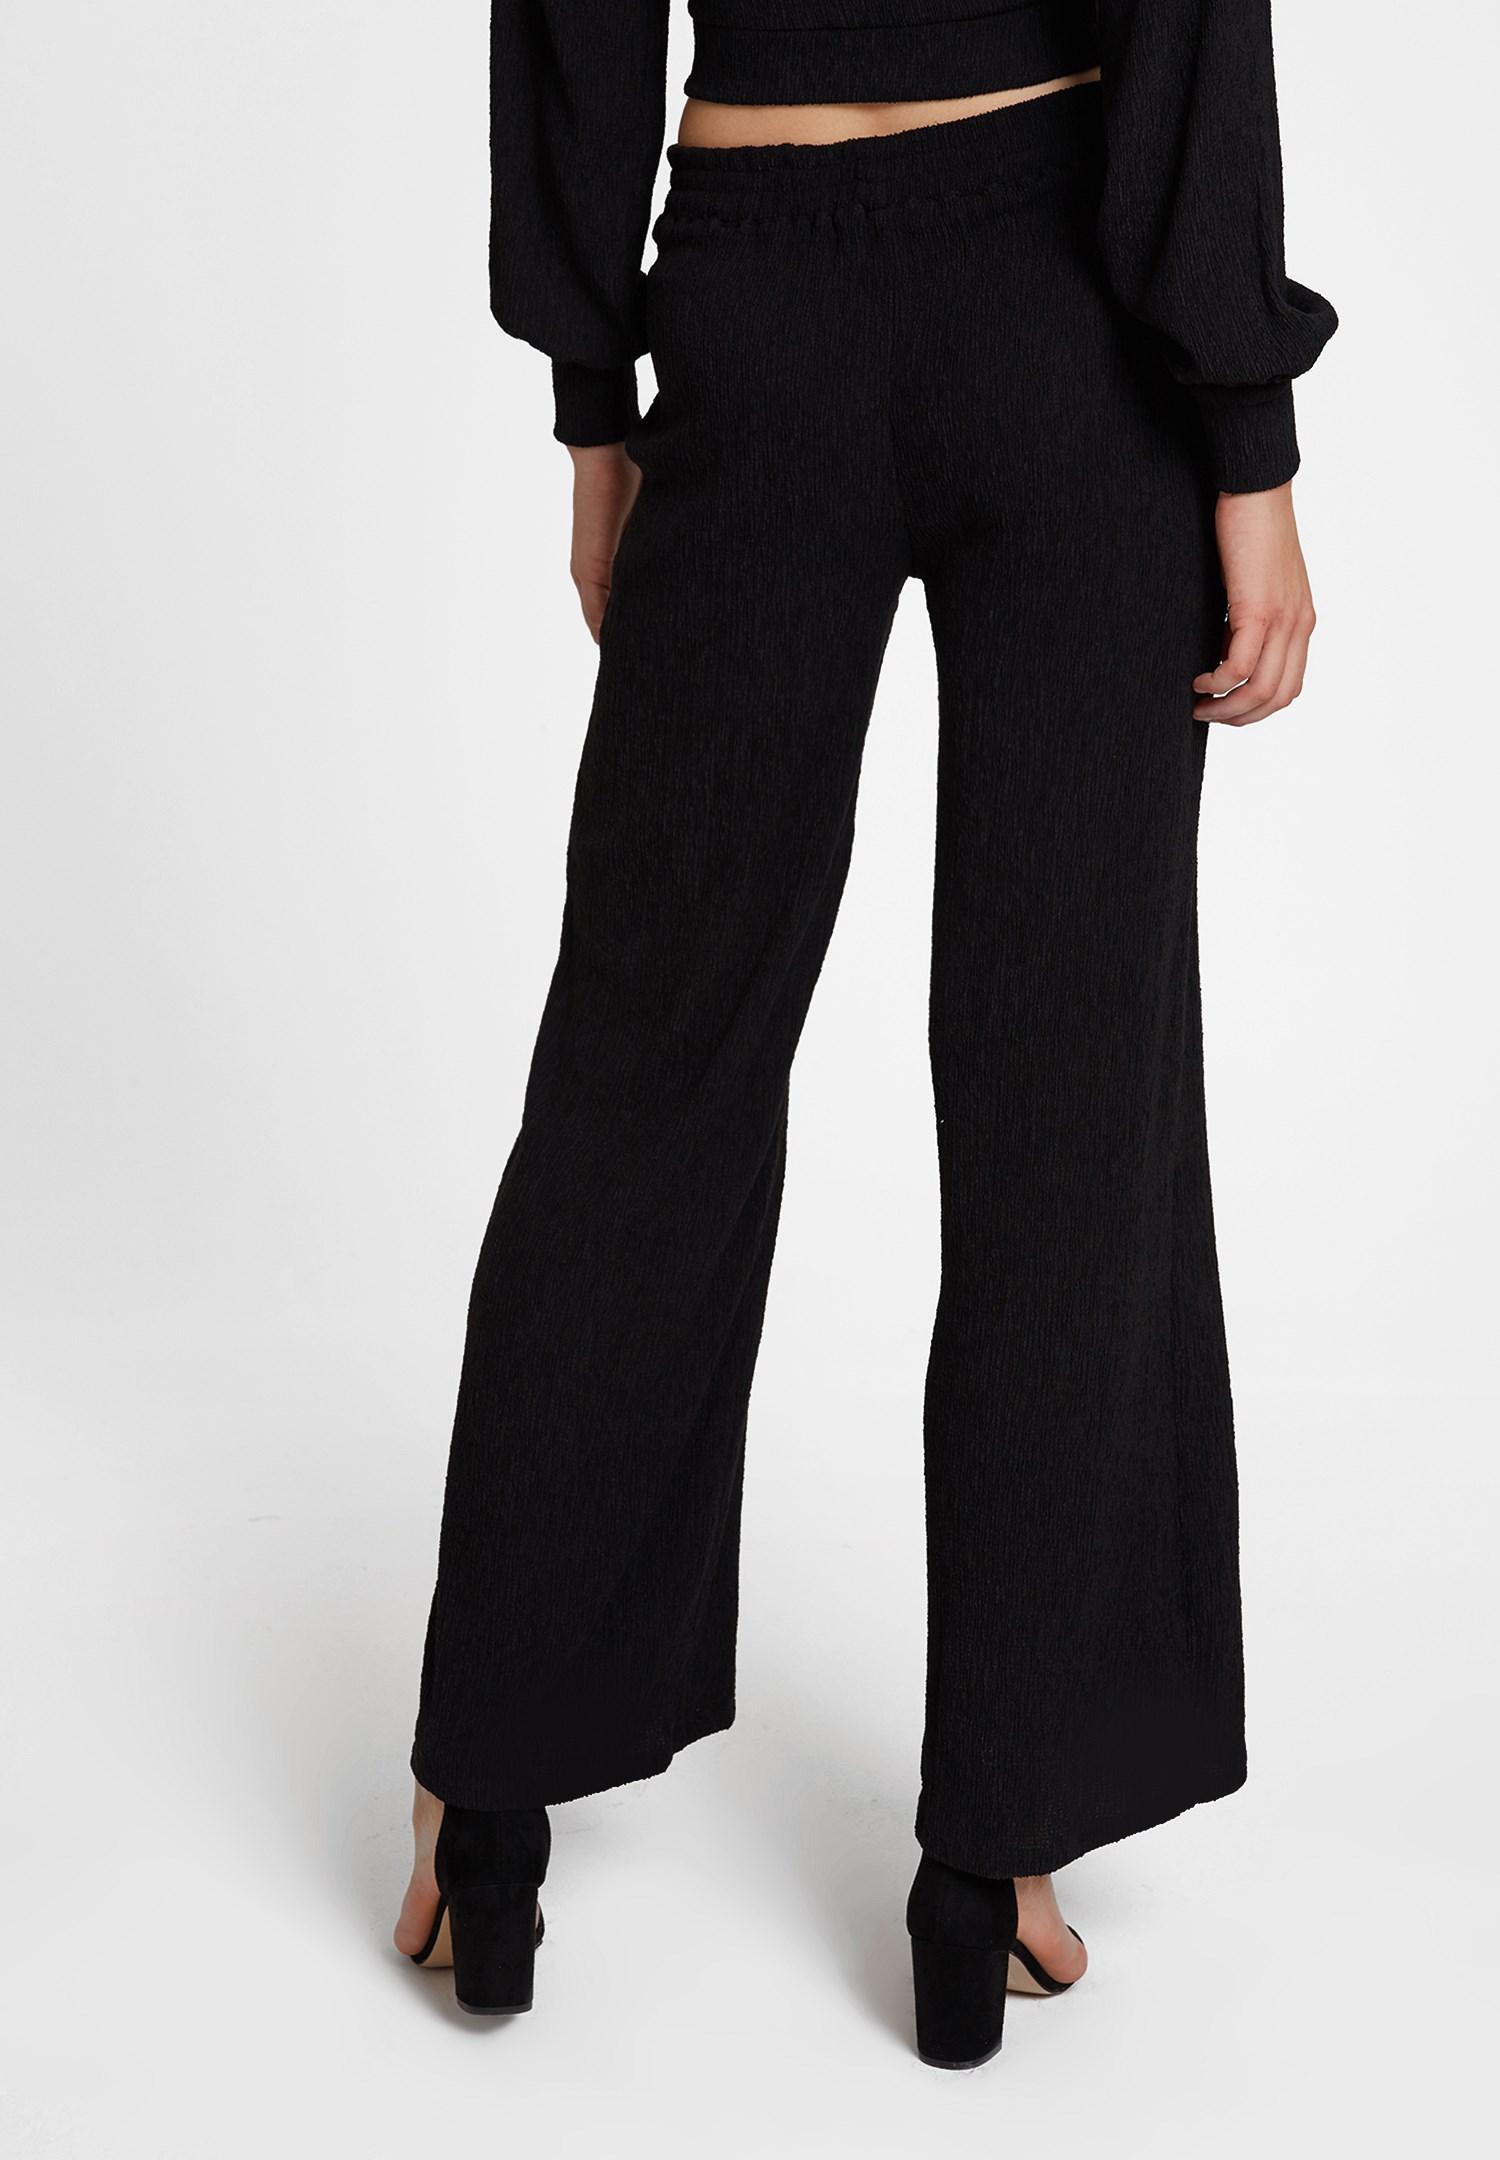 Bayan Siyah Dokulu Bol Paça Pantolon